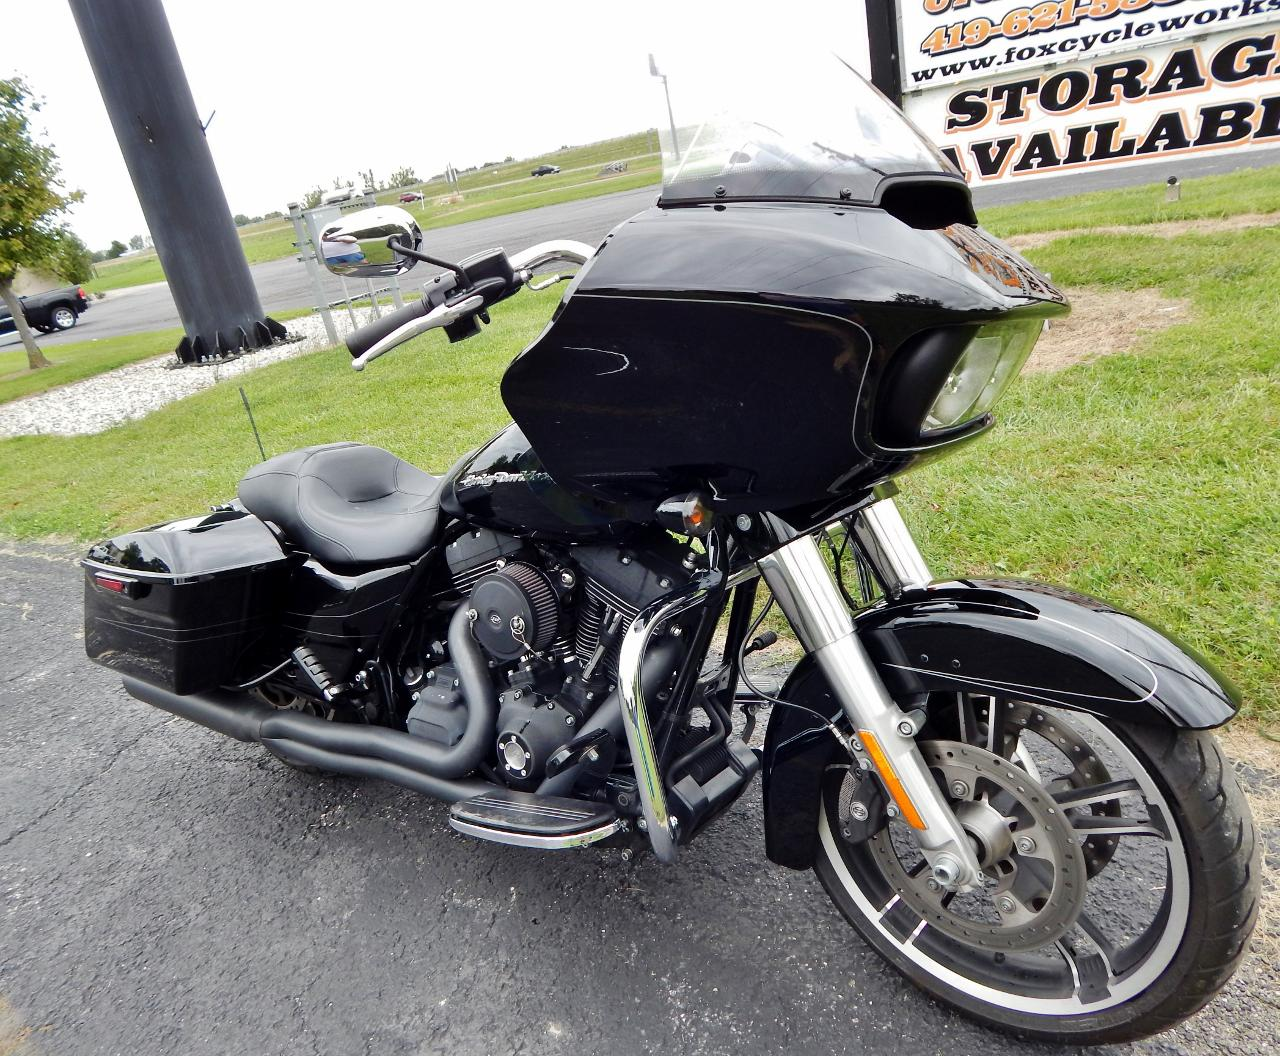 2015 Harley Davidson Fltrxs Road Glide Special For Sale In Tour Pack Dscn4245 1280x1056